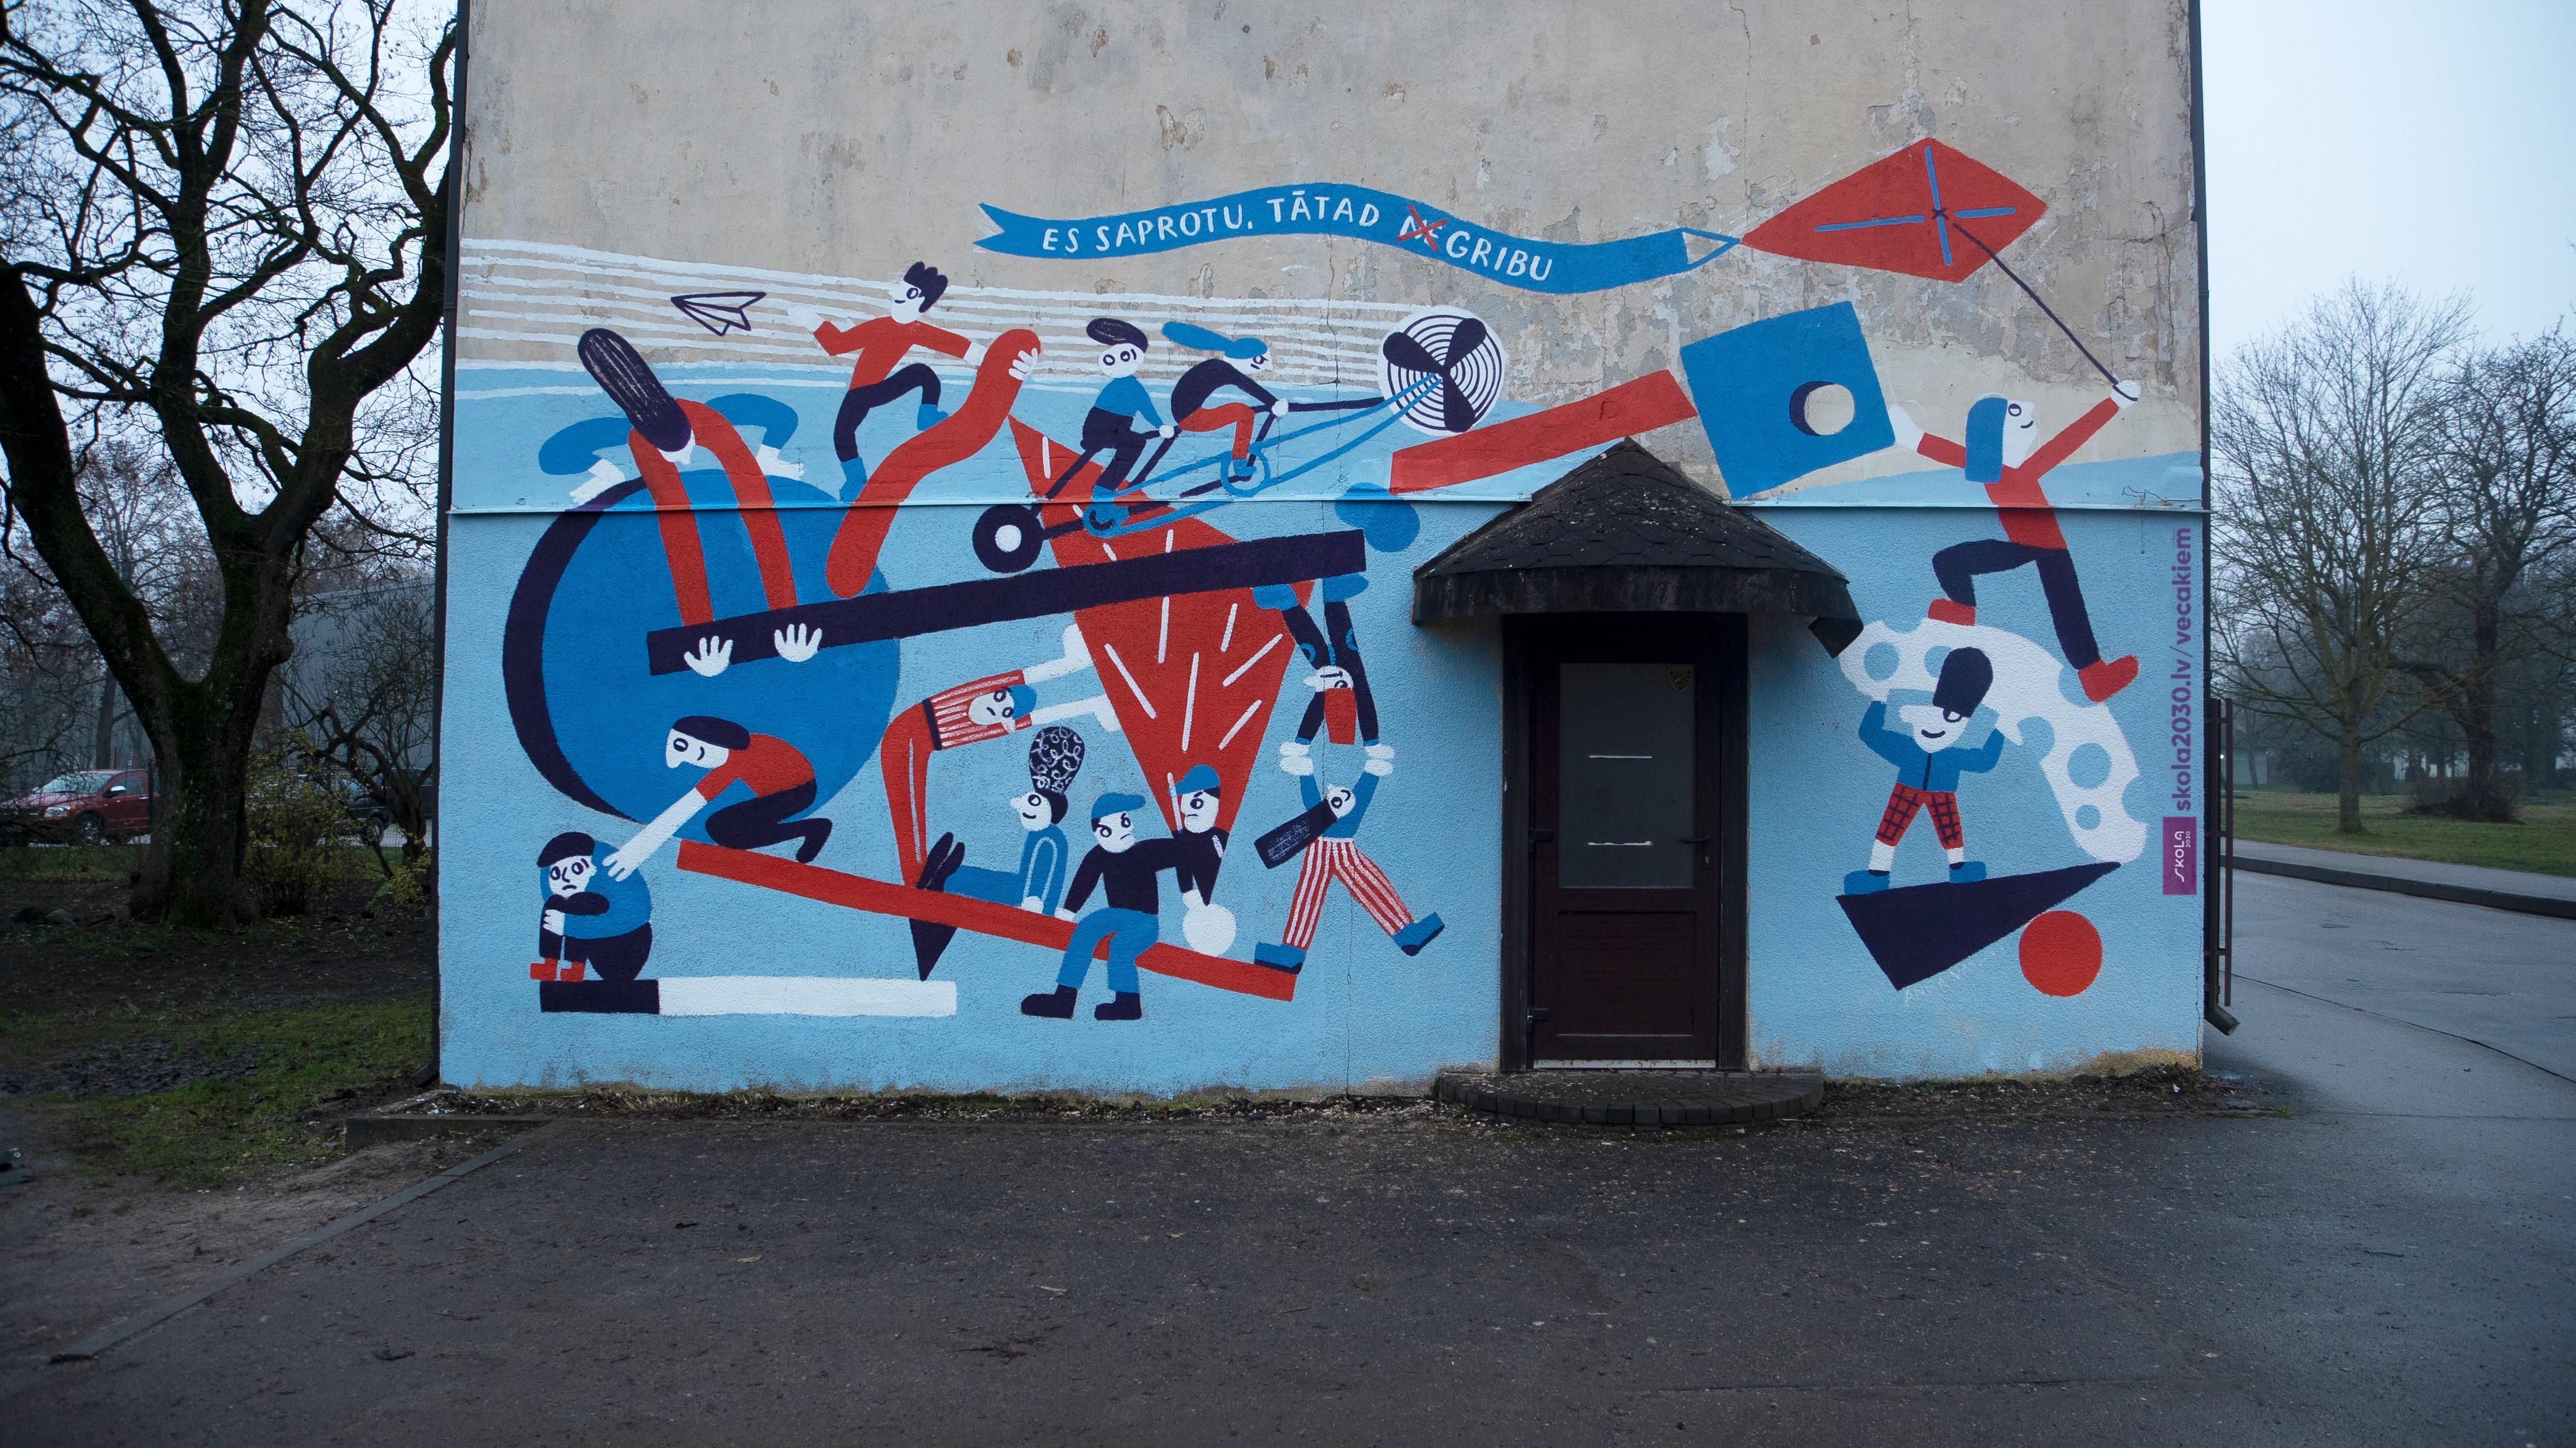 Māksliniece Anna Vaivare kopā ar Dobeles 1. vidusskolas skolēniem ir radījusi sienu zīmējumu Dobelē, lai atspoguļotu sociāli emocionālo prasmju svarīgumu.